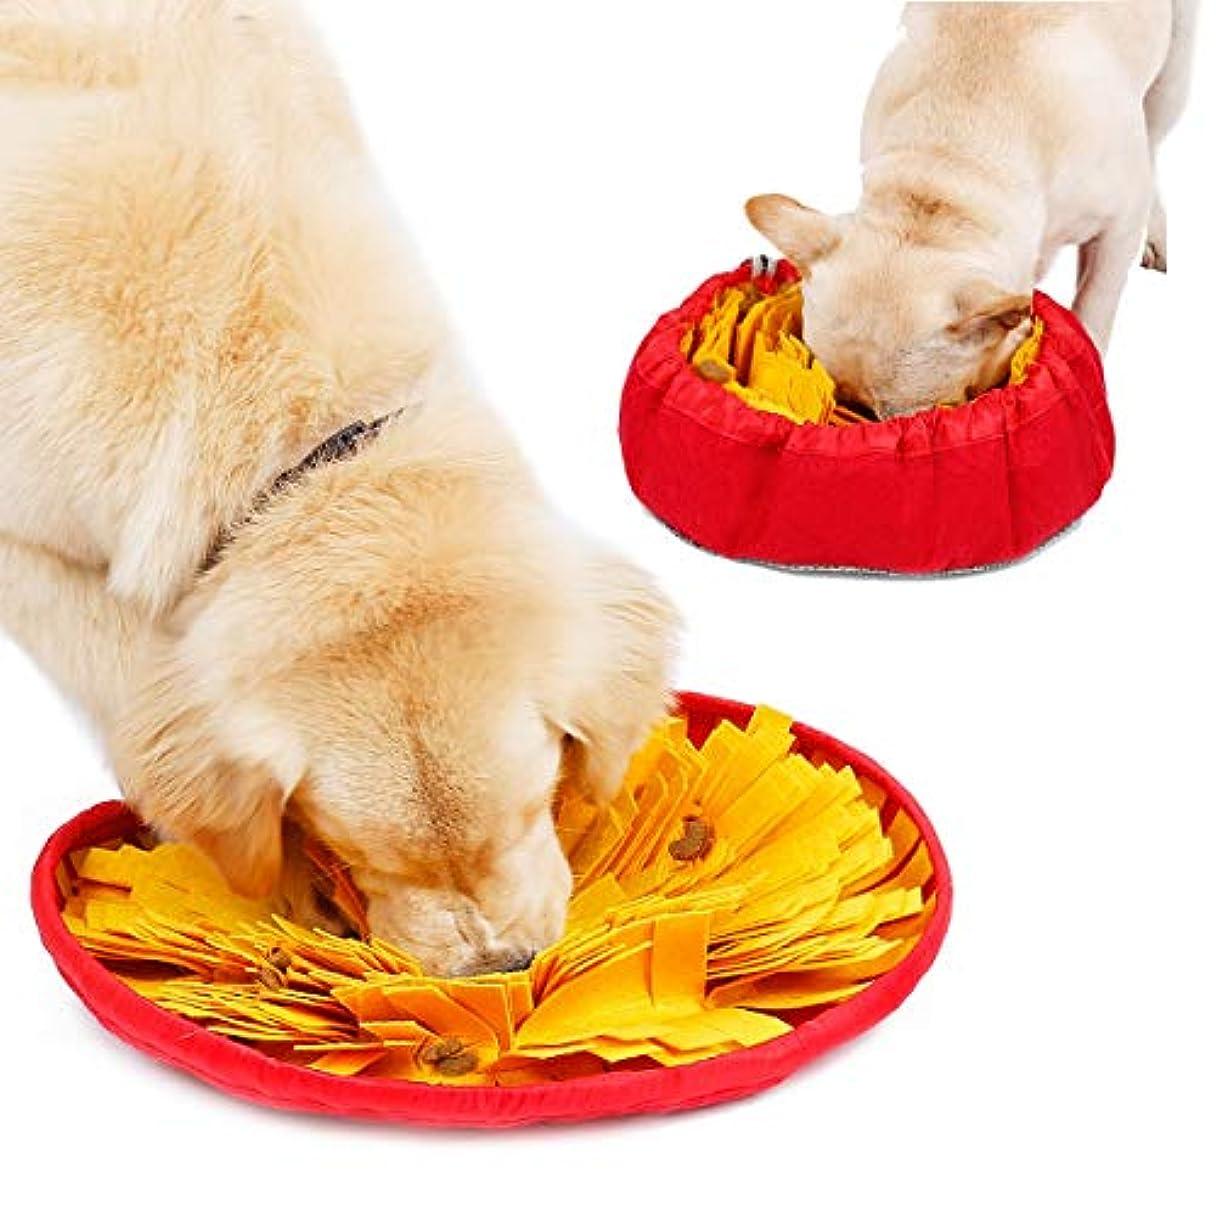 KANEED ペットボウル ごはん皿 猫 犬 Doglemi Dog Snuffle Bowl Matペット鼻づまり作業マットIQトレーニングスローイートボウル (色 : 黄)